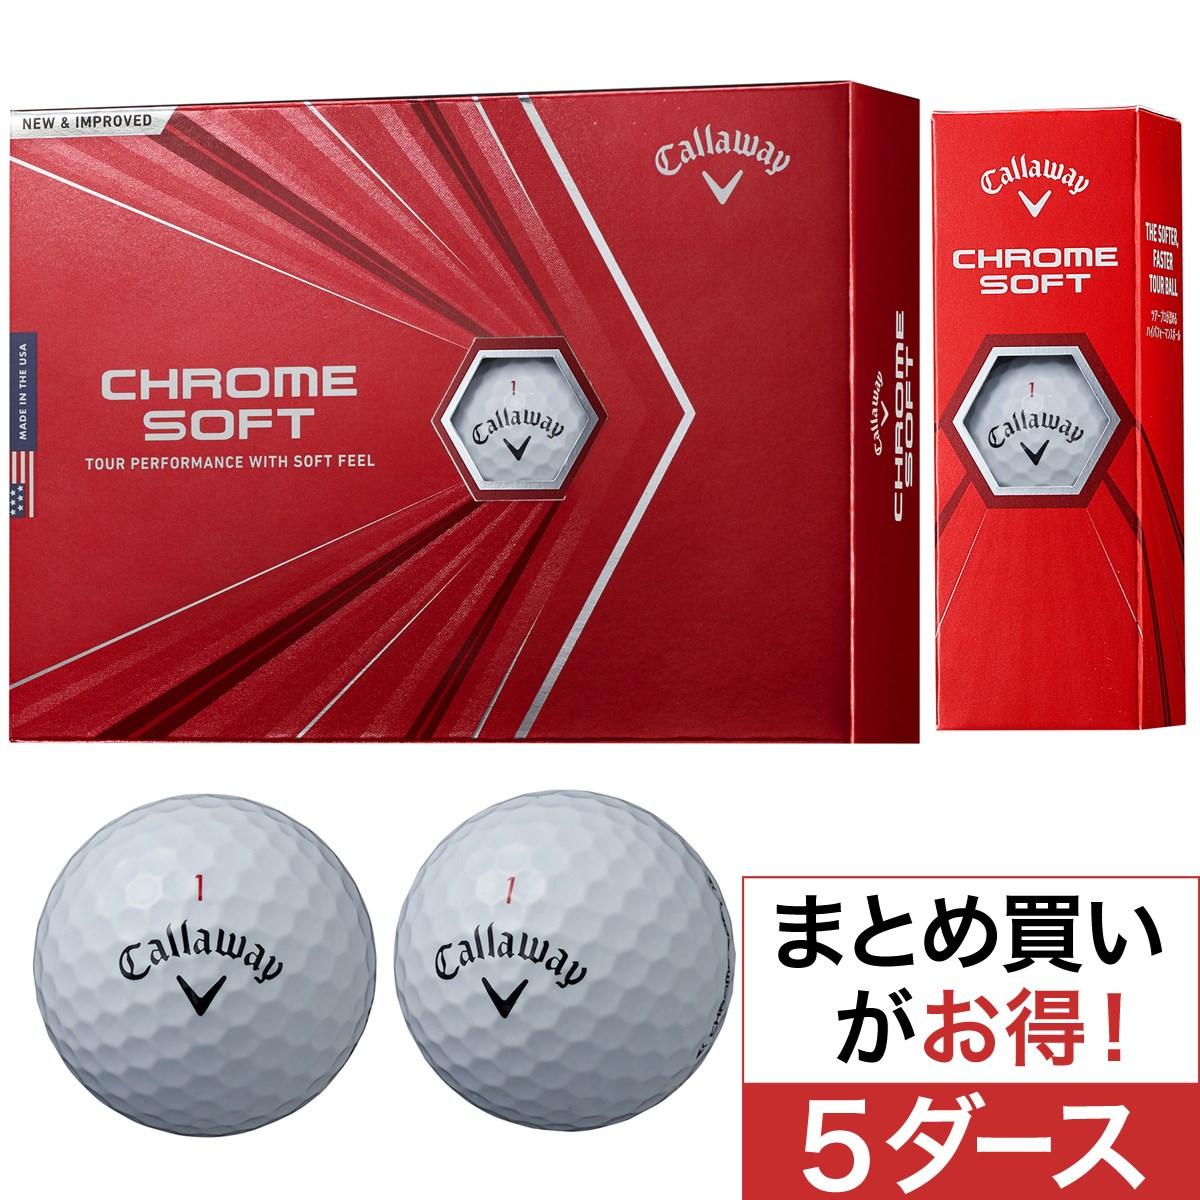 キャロウェイゴルフ(Callaway Golf) CHROME SOFT ボール 5ダースセット